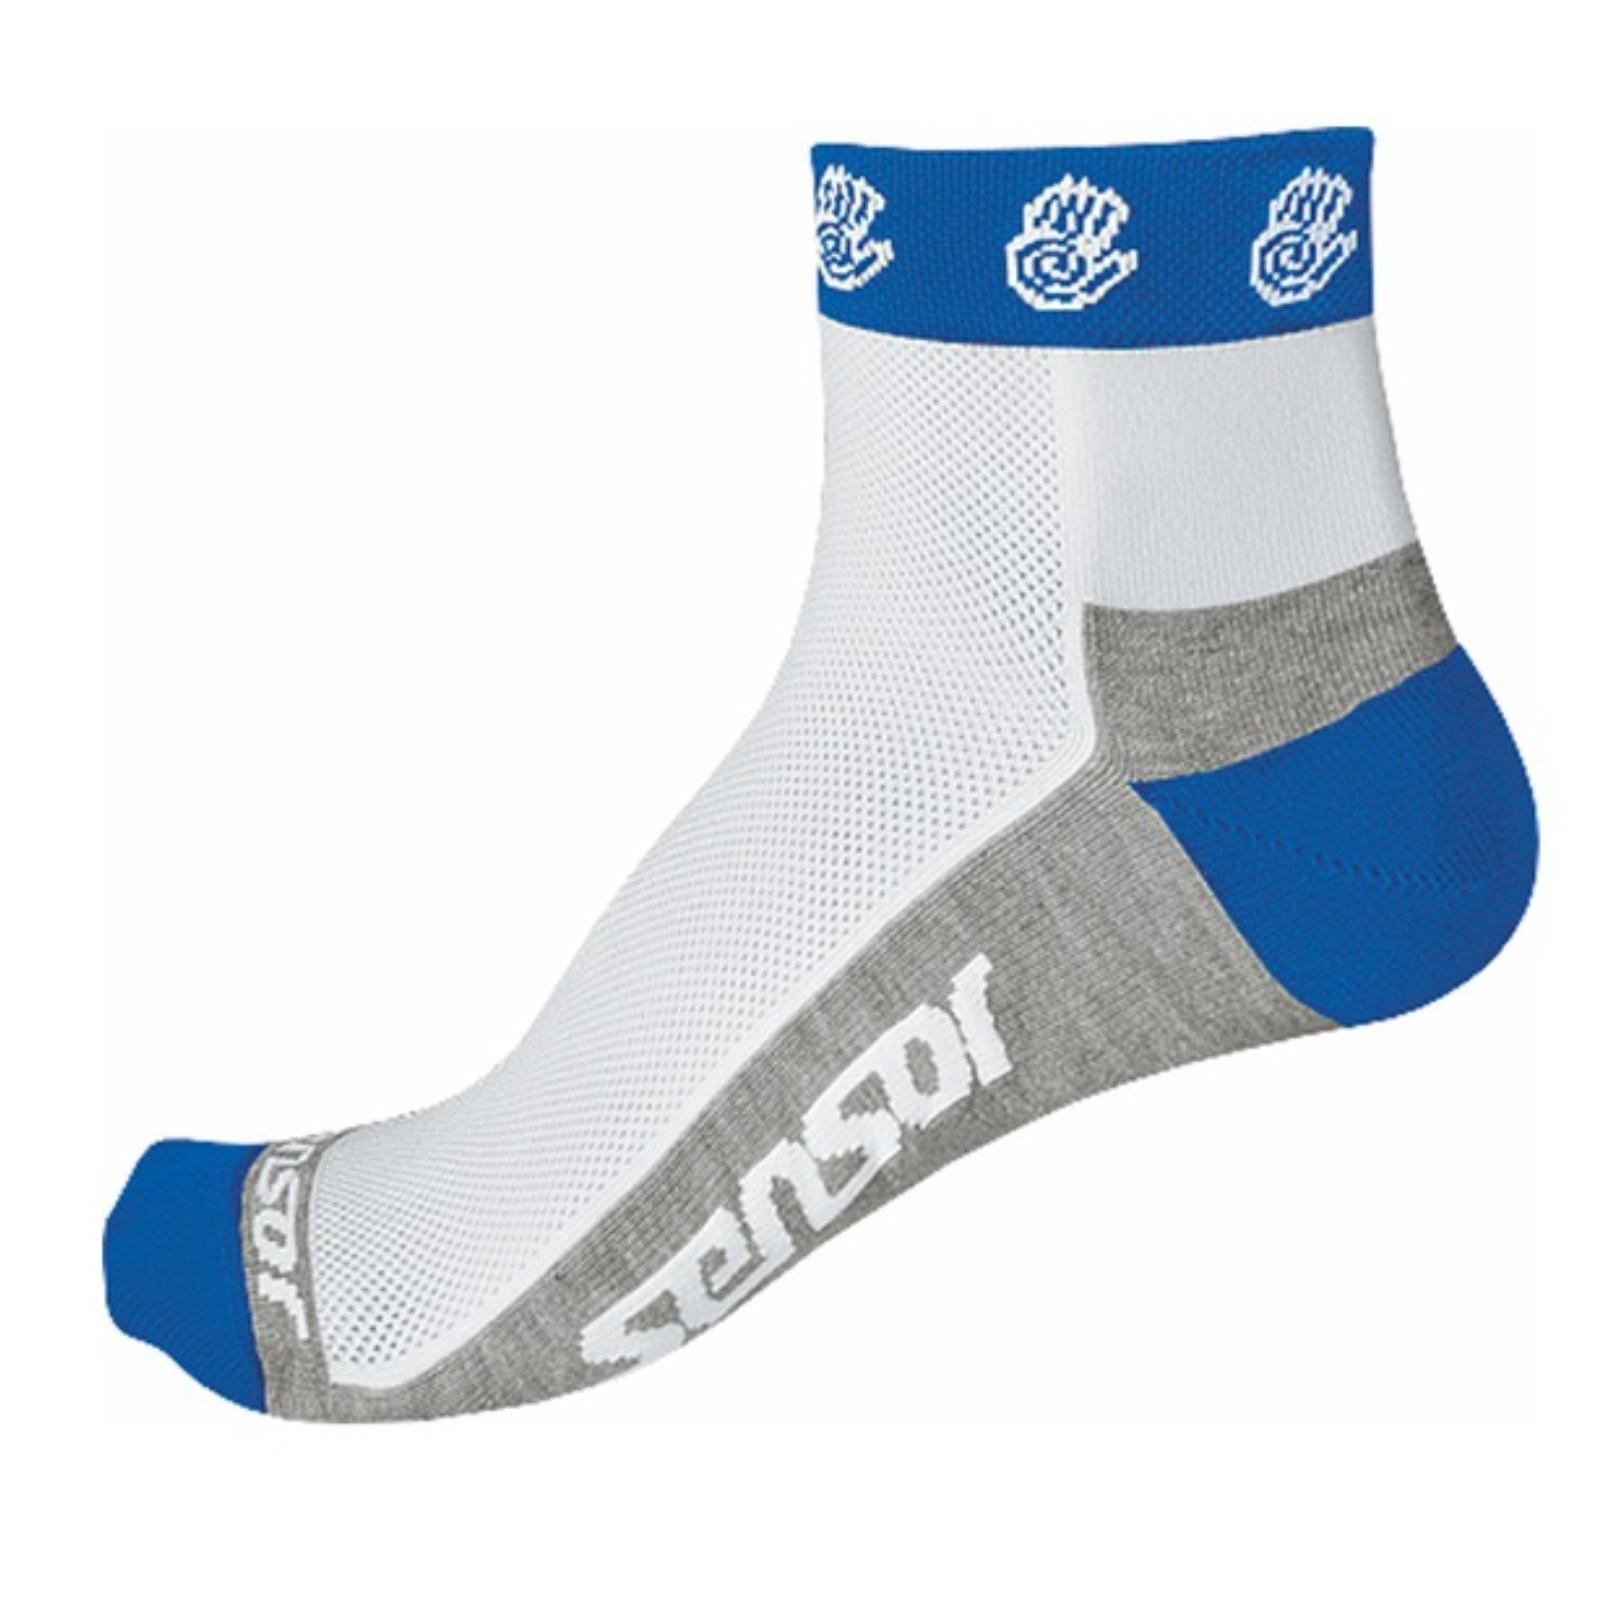 Ponožky SENSOR Race Lite Ručičky modré - veľ. 6-8